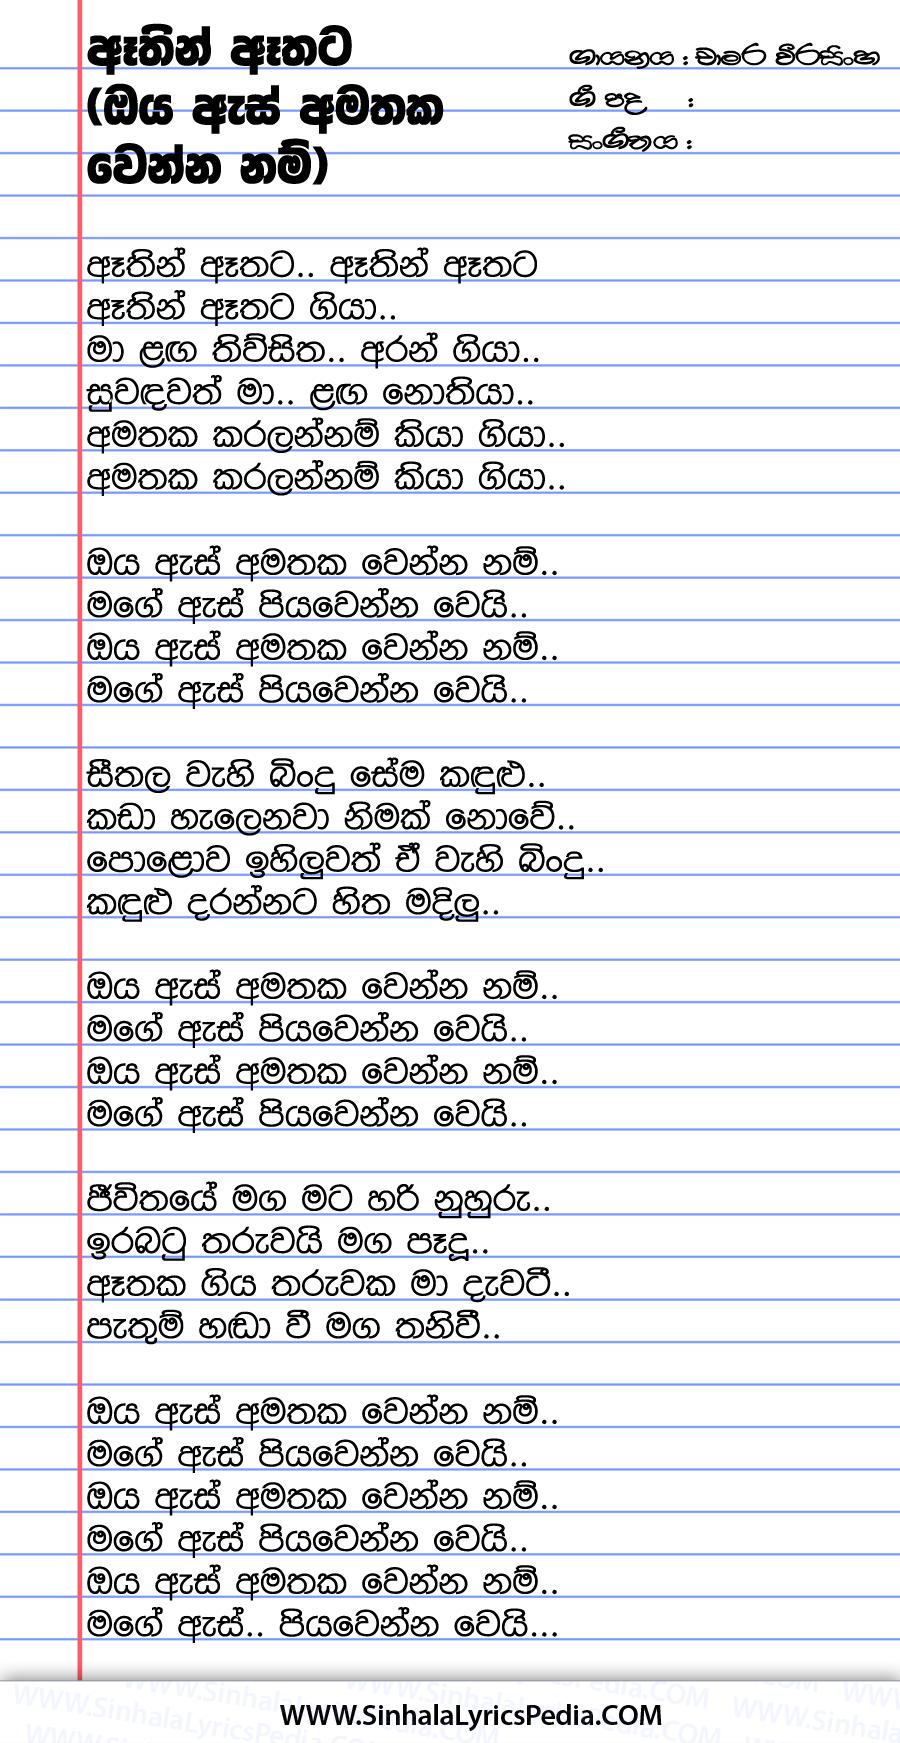 Oya As Amathaka Wenna Nam (Athin Athata) Song Lyrics